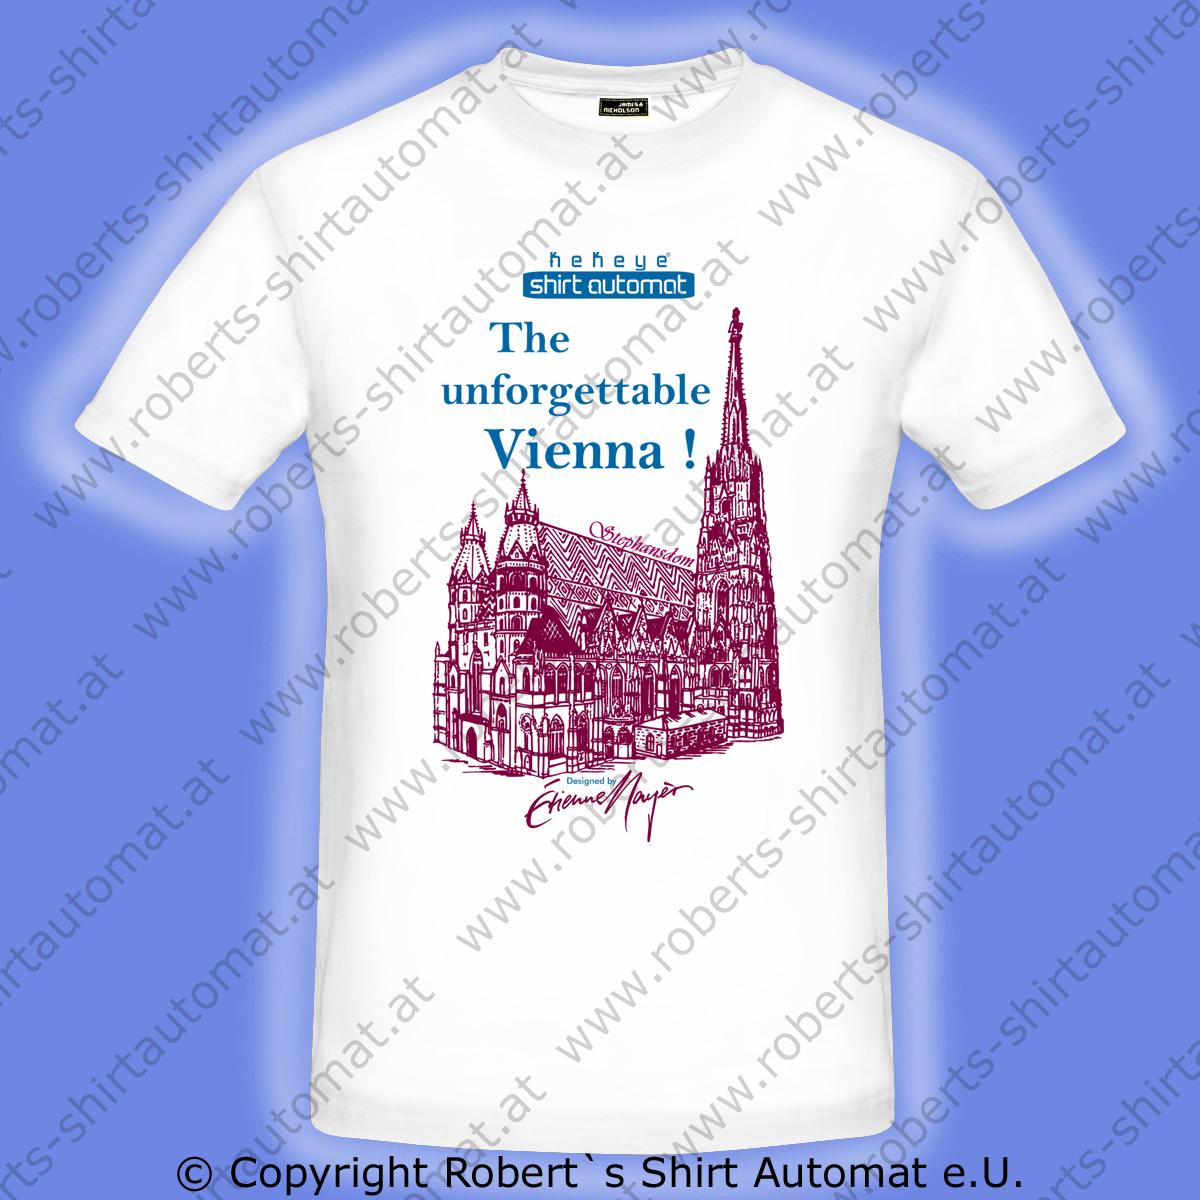 Wien, Vienna T-Shirt Premium Kollektion NEU erschienen bei Kekeye.